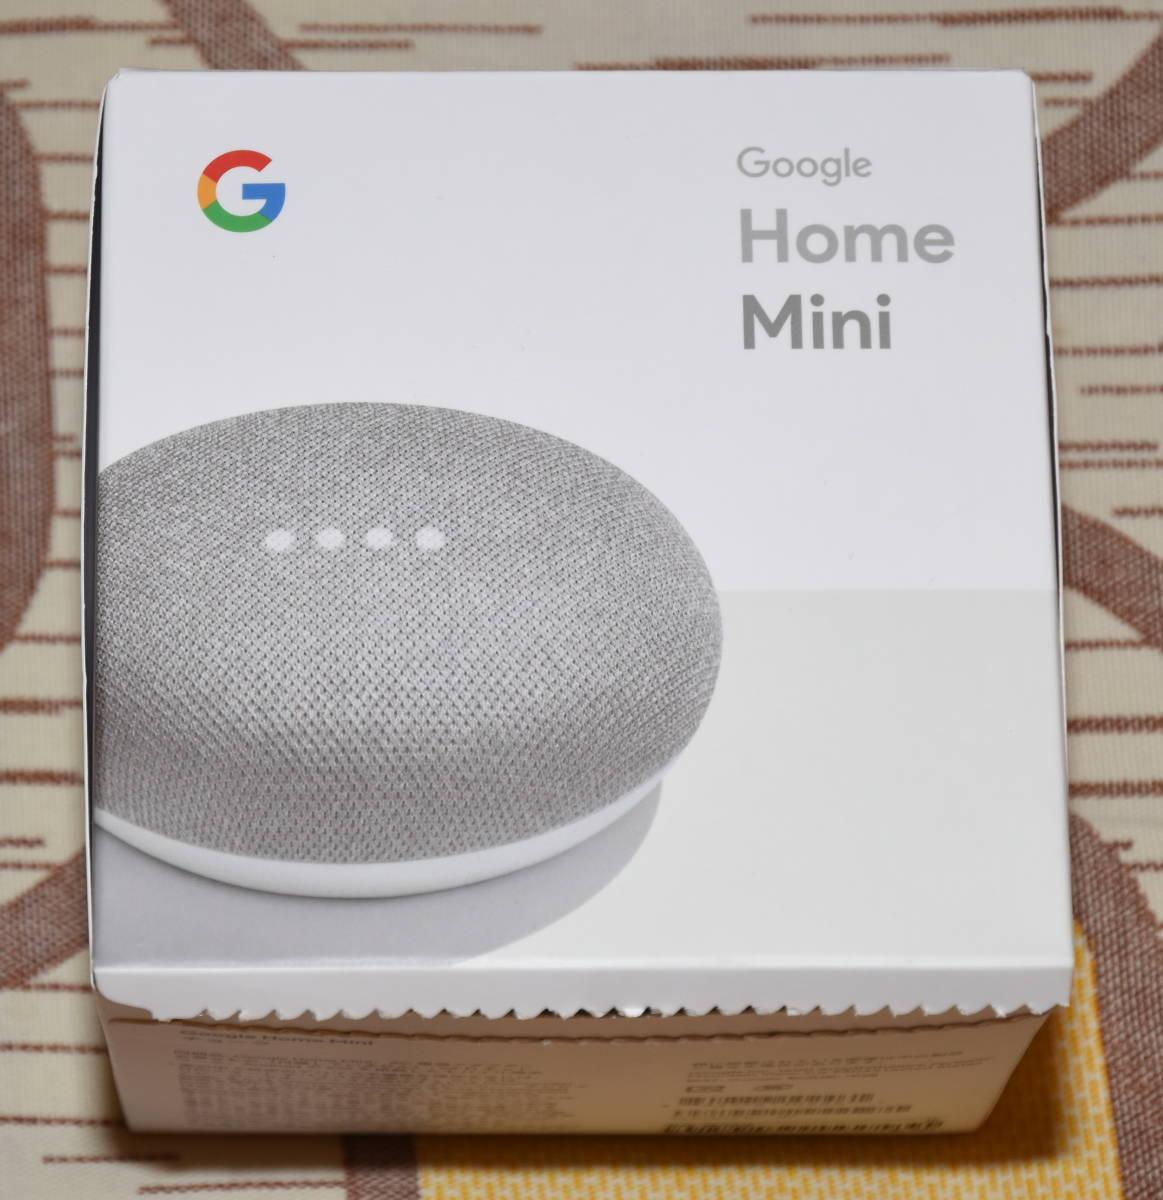 ◆美品 ヨドバシ領収書付 Google Home Mini グーグルホームミニ チョーク スマートスピーカー_画像3